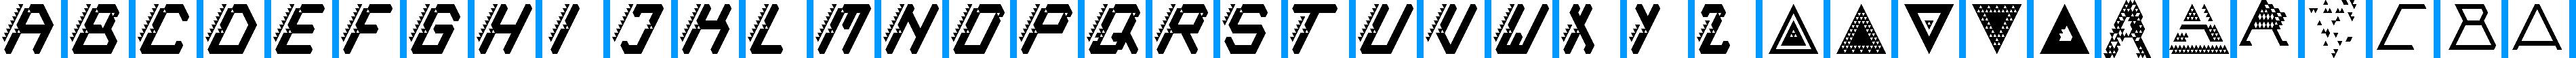 Particip-a-type v.217